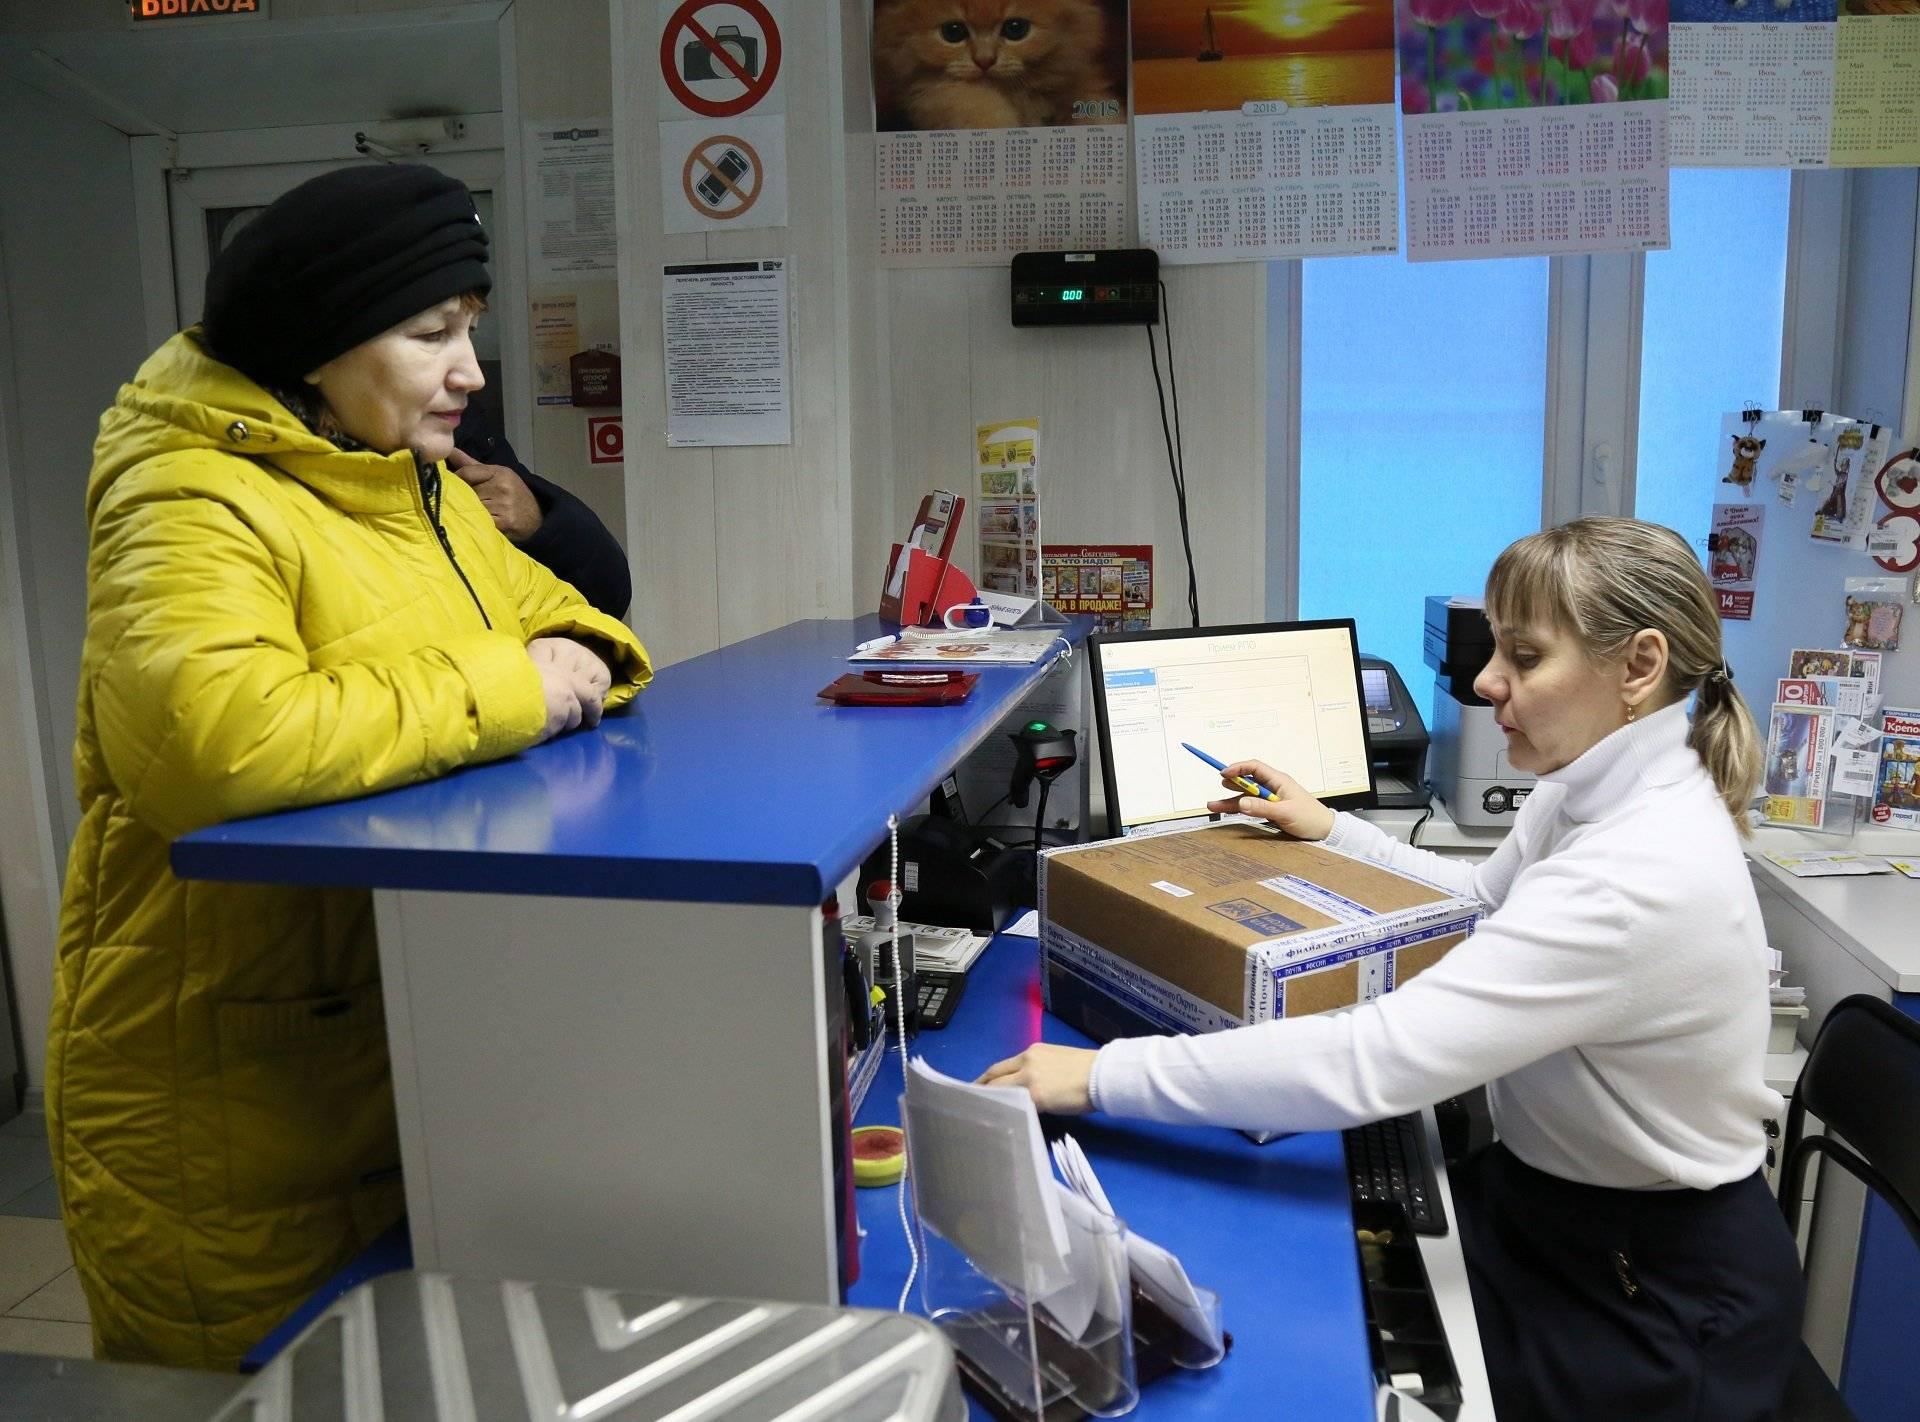 Дьюти фри на границе с польшей в 2021 году: калининград, украина, беларусь